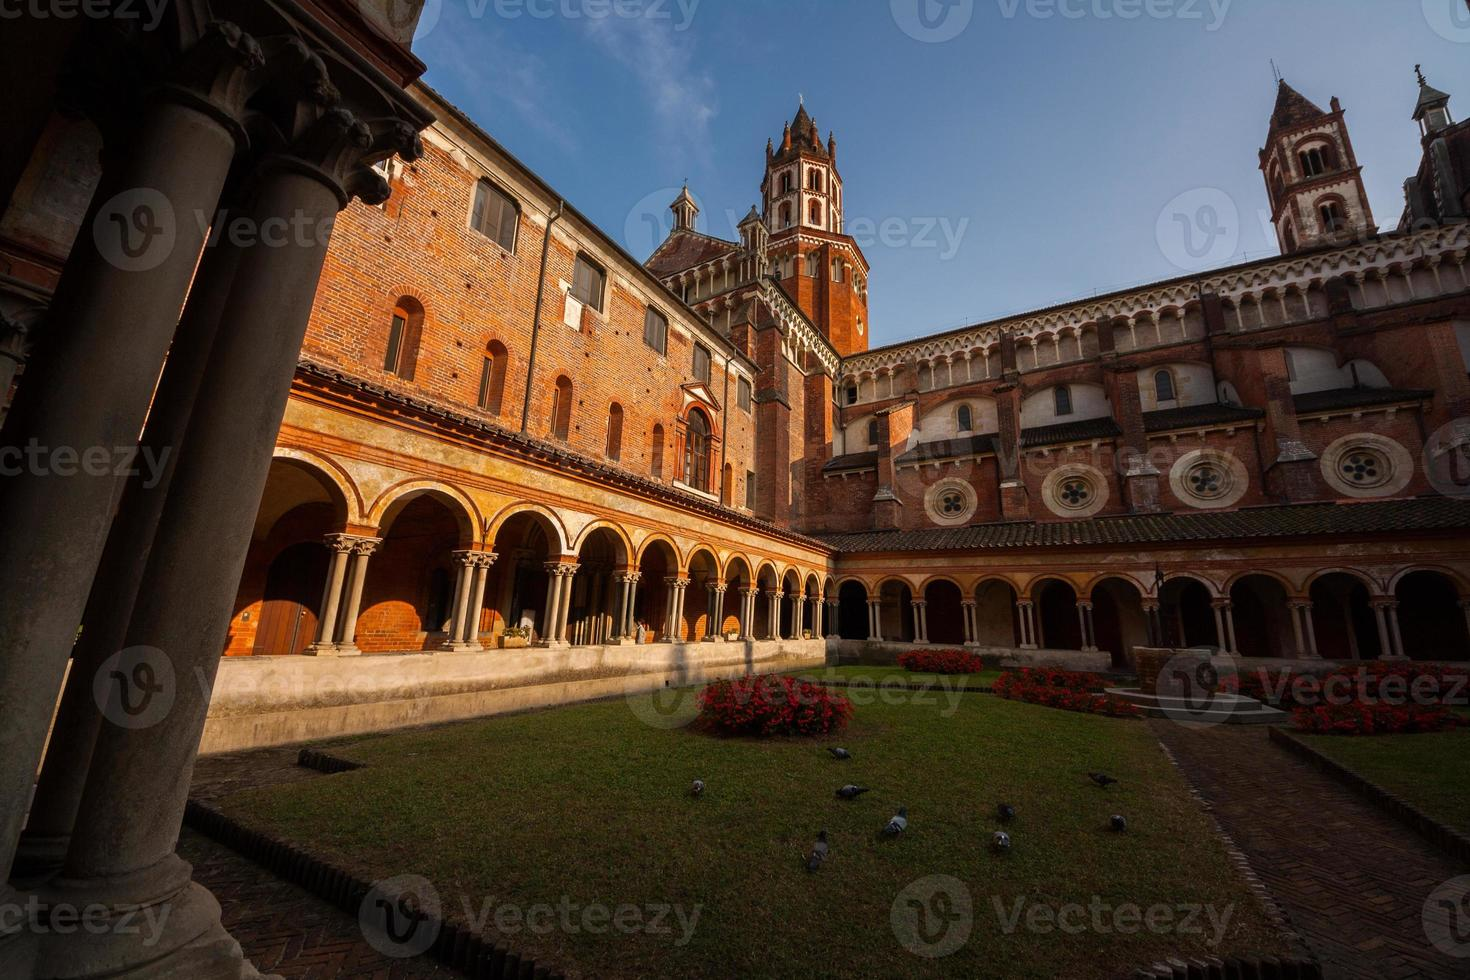 chiostro della basilica di sant'andrea, vercelli, piemonte, italia photo